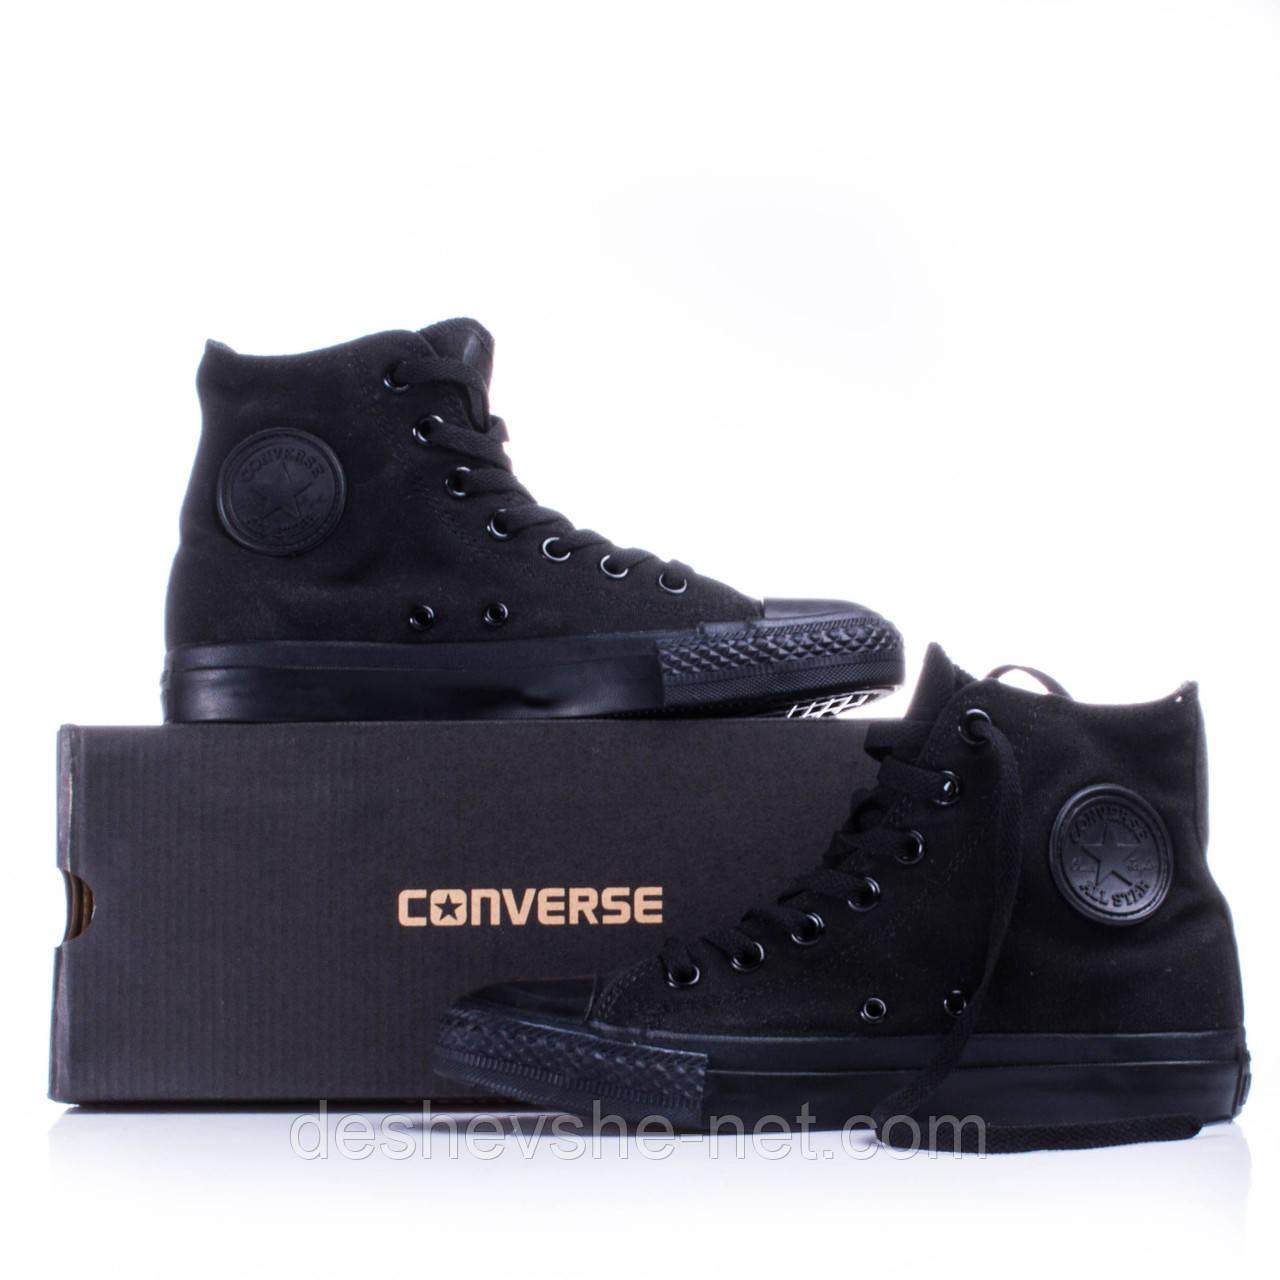 Кеды в стиле  Converse ALL STAR (конверсы) Черные высокие в коробке